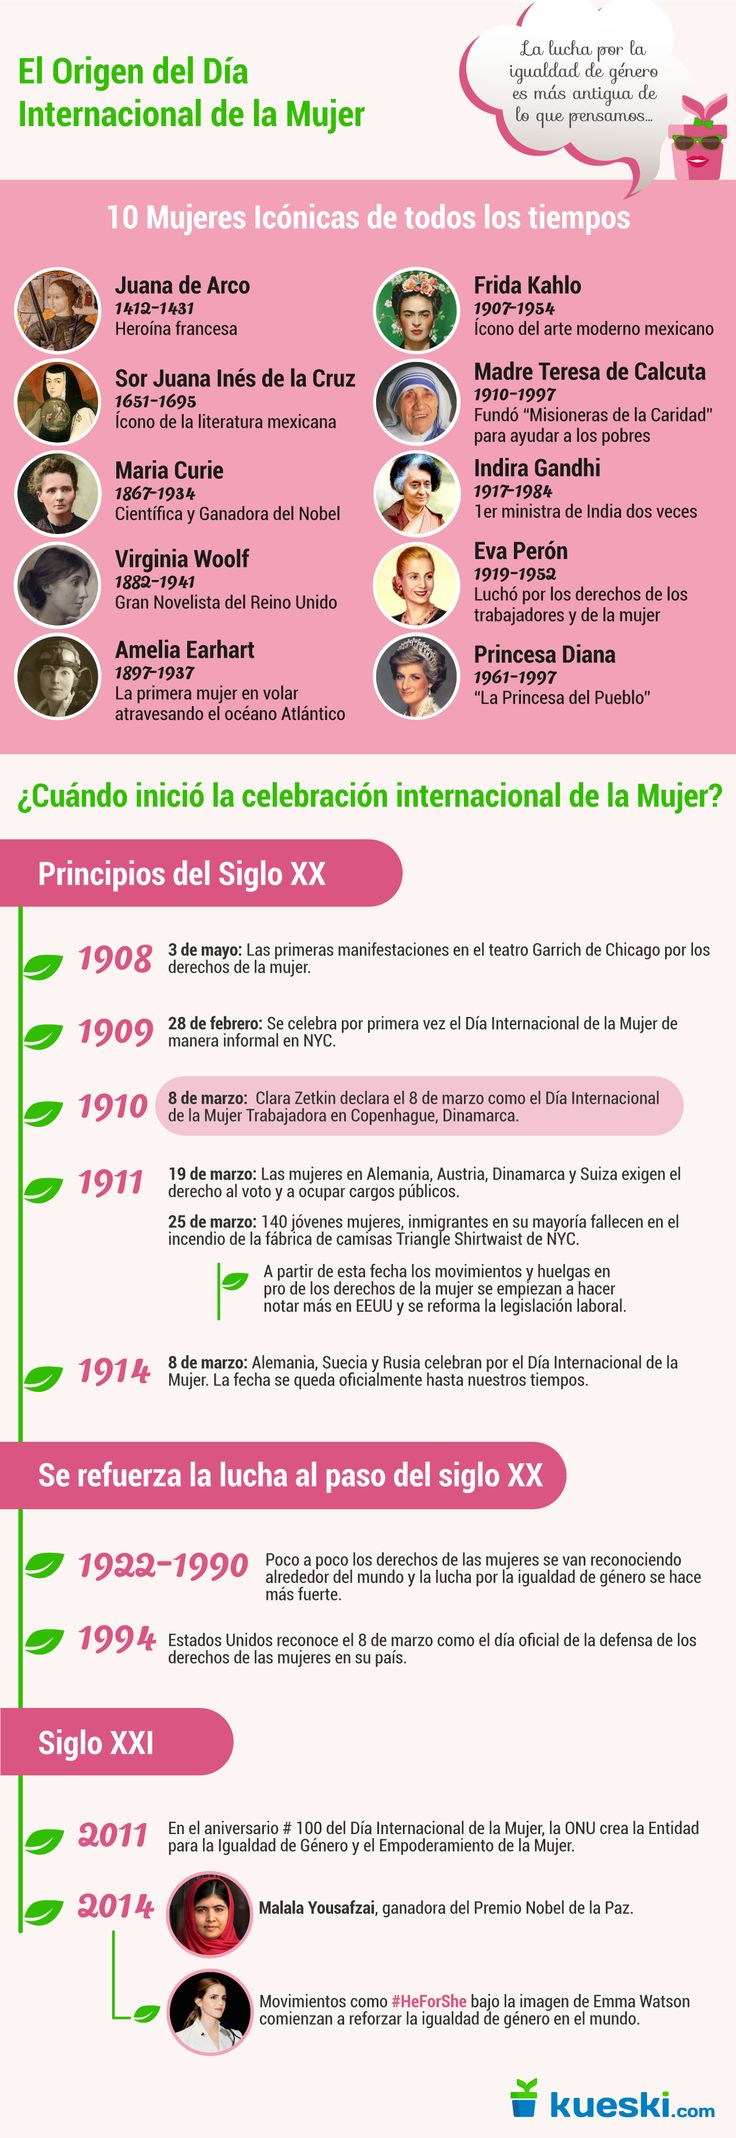 El origen del Día Internacional de la Mujer